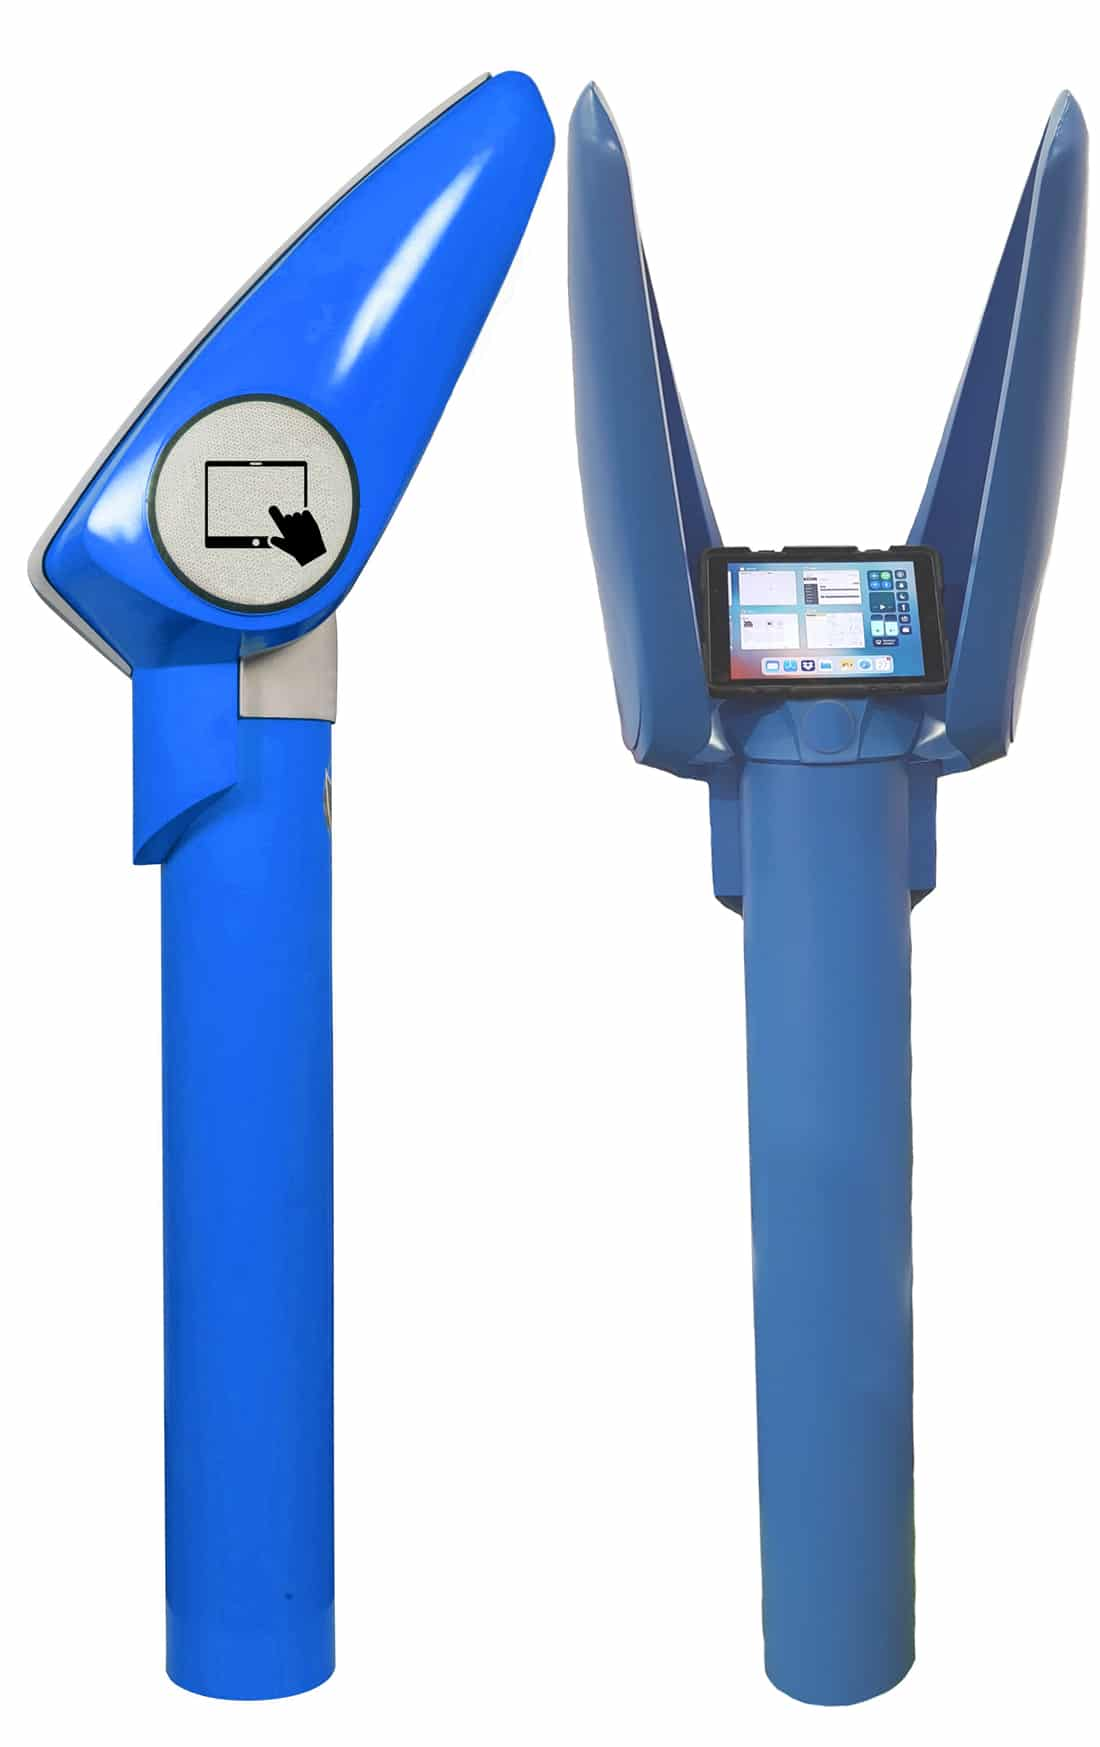 multimedia-praatpaal-1